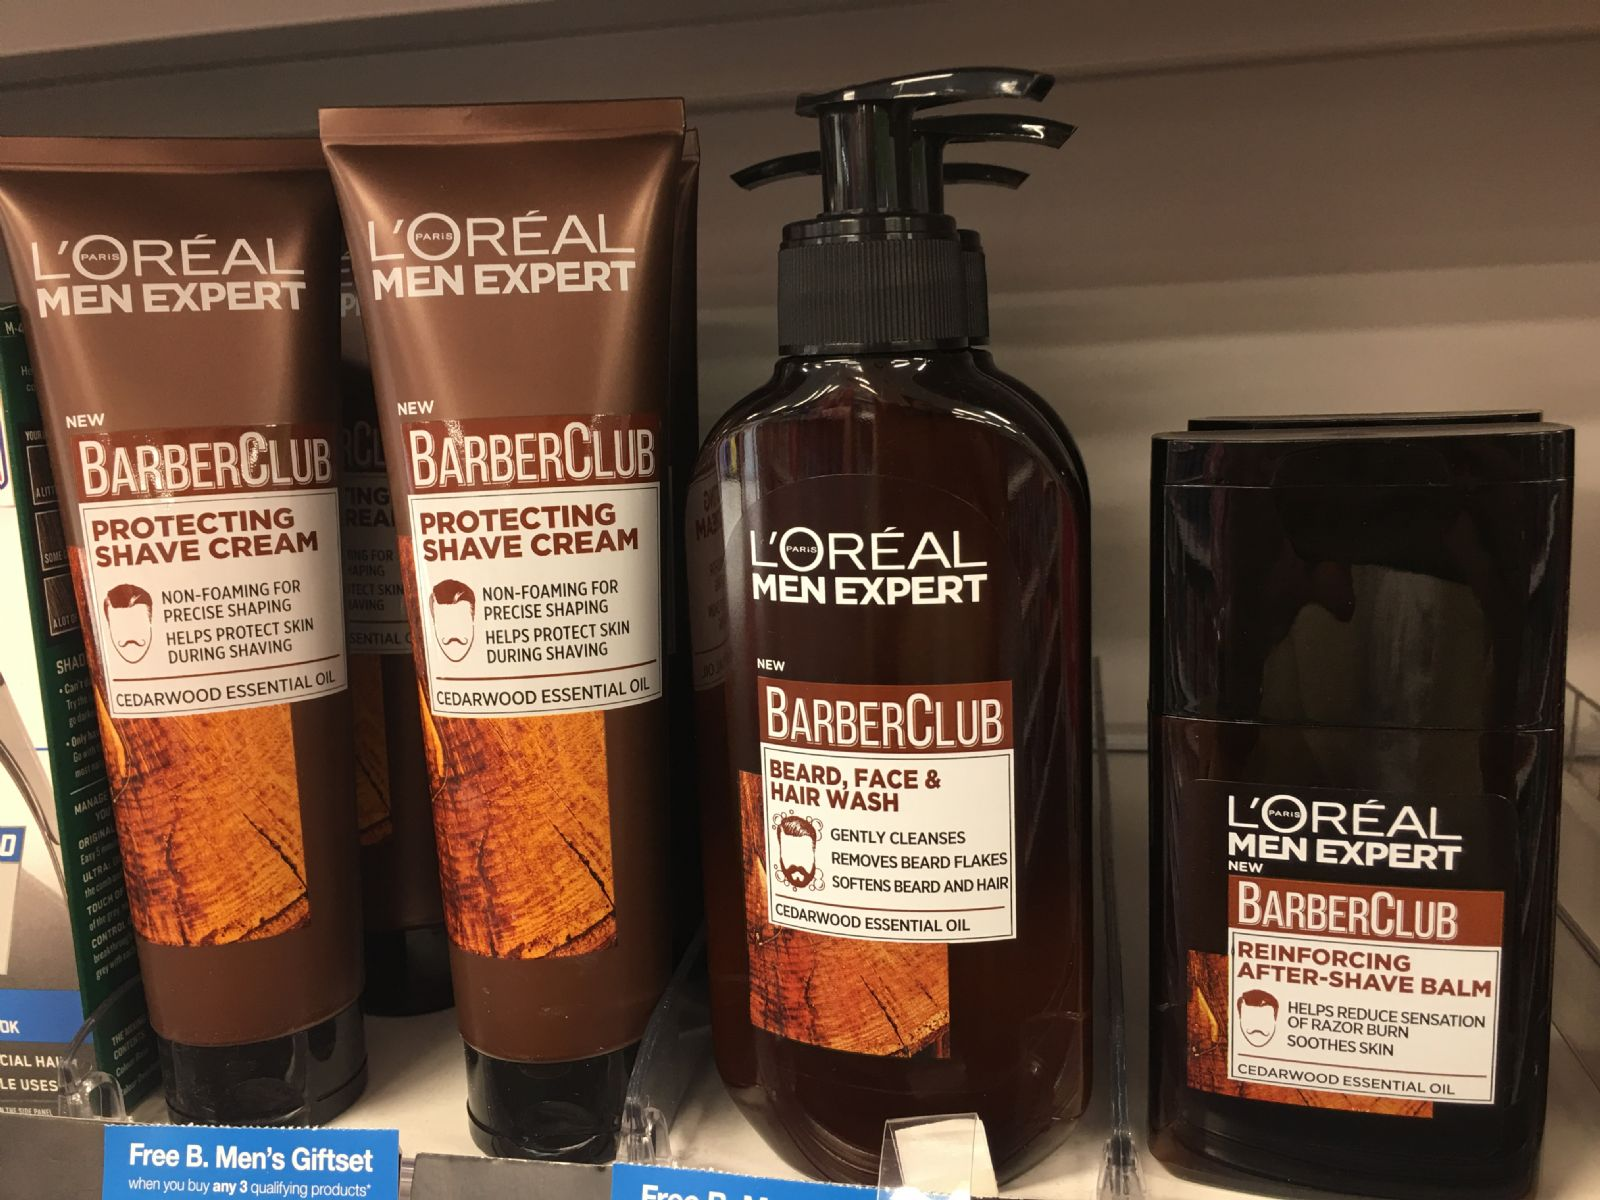 L'Oreal Barber Club range from Superdrug